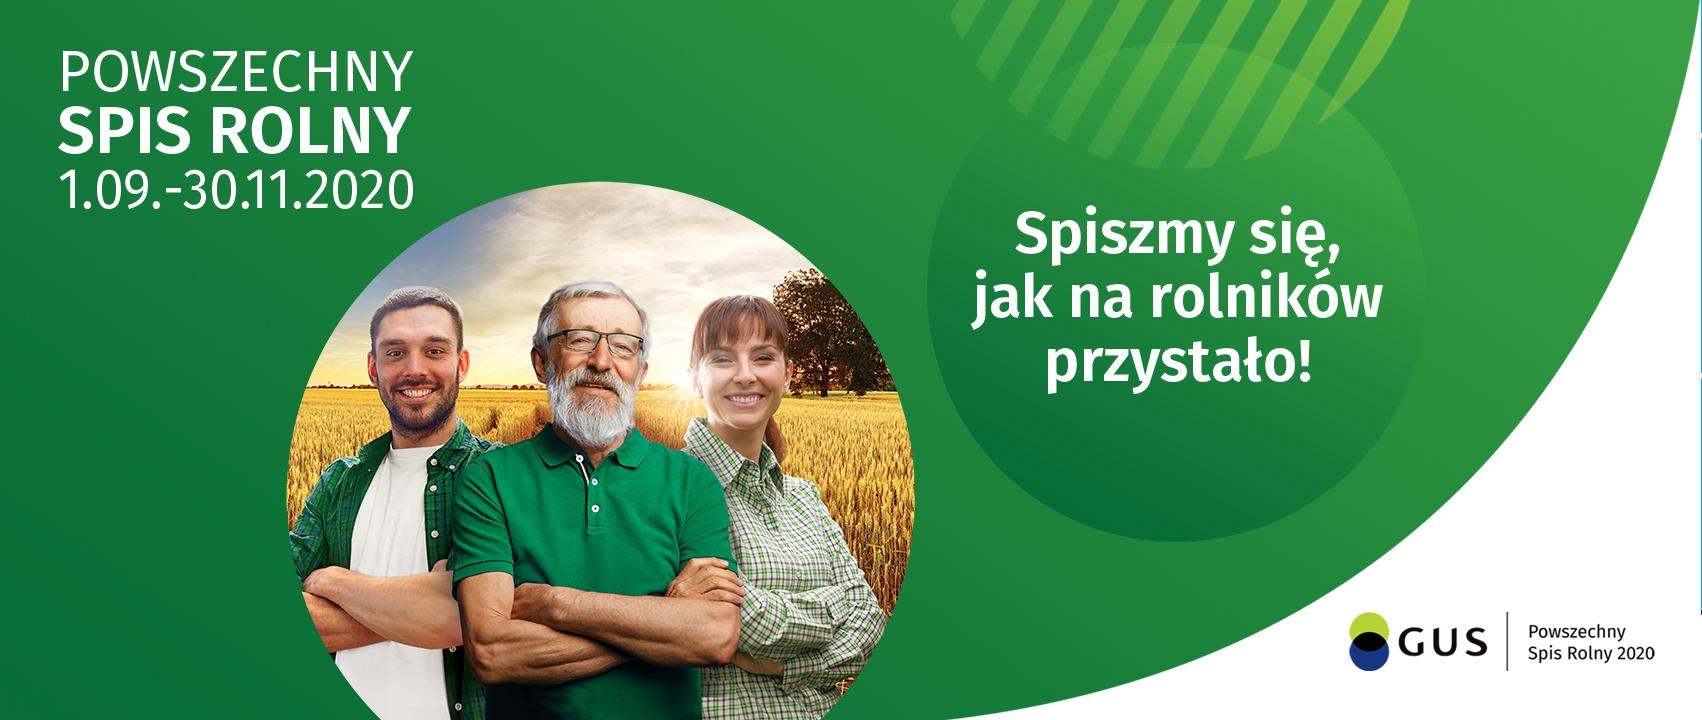 https://www.wojnicz.pl/powszechny-spis-rolny-psr-2020